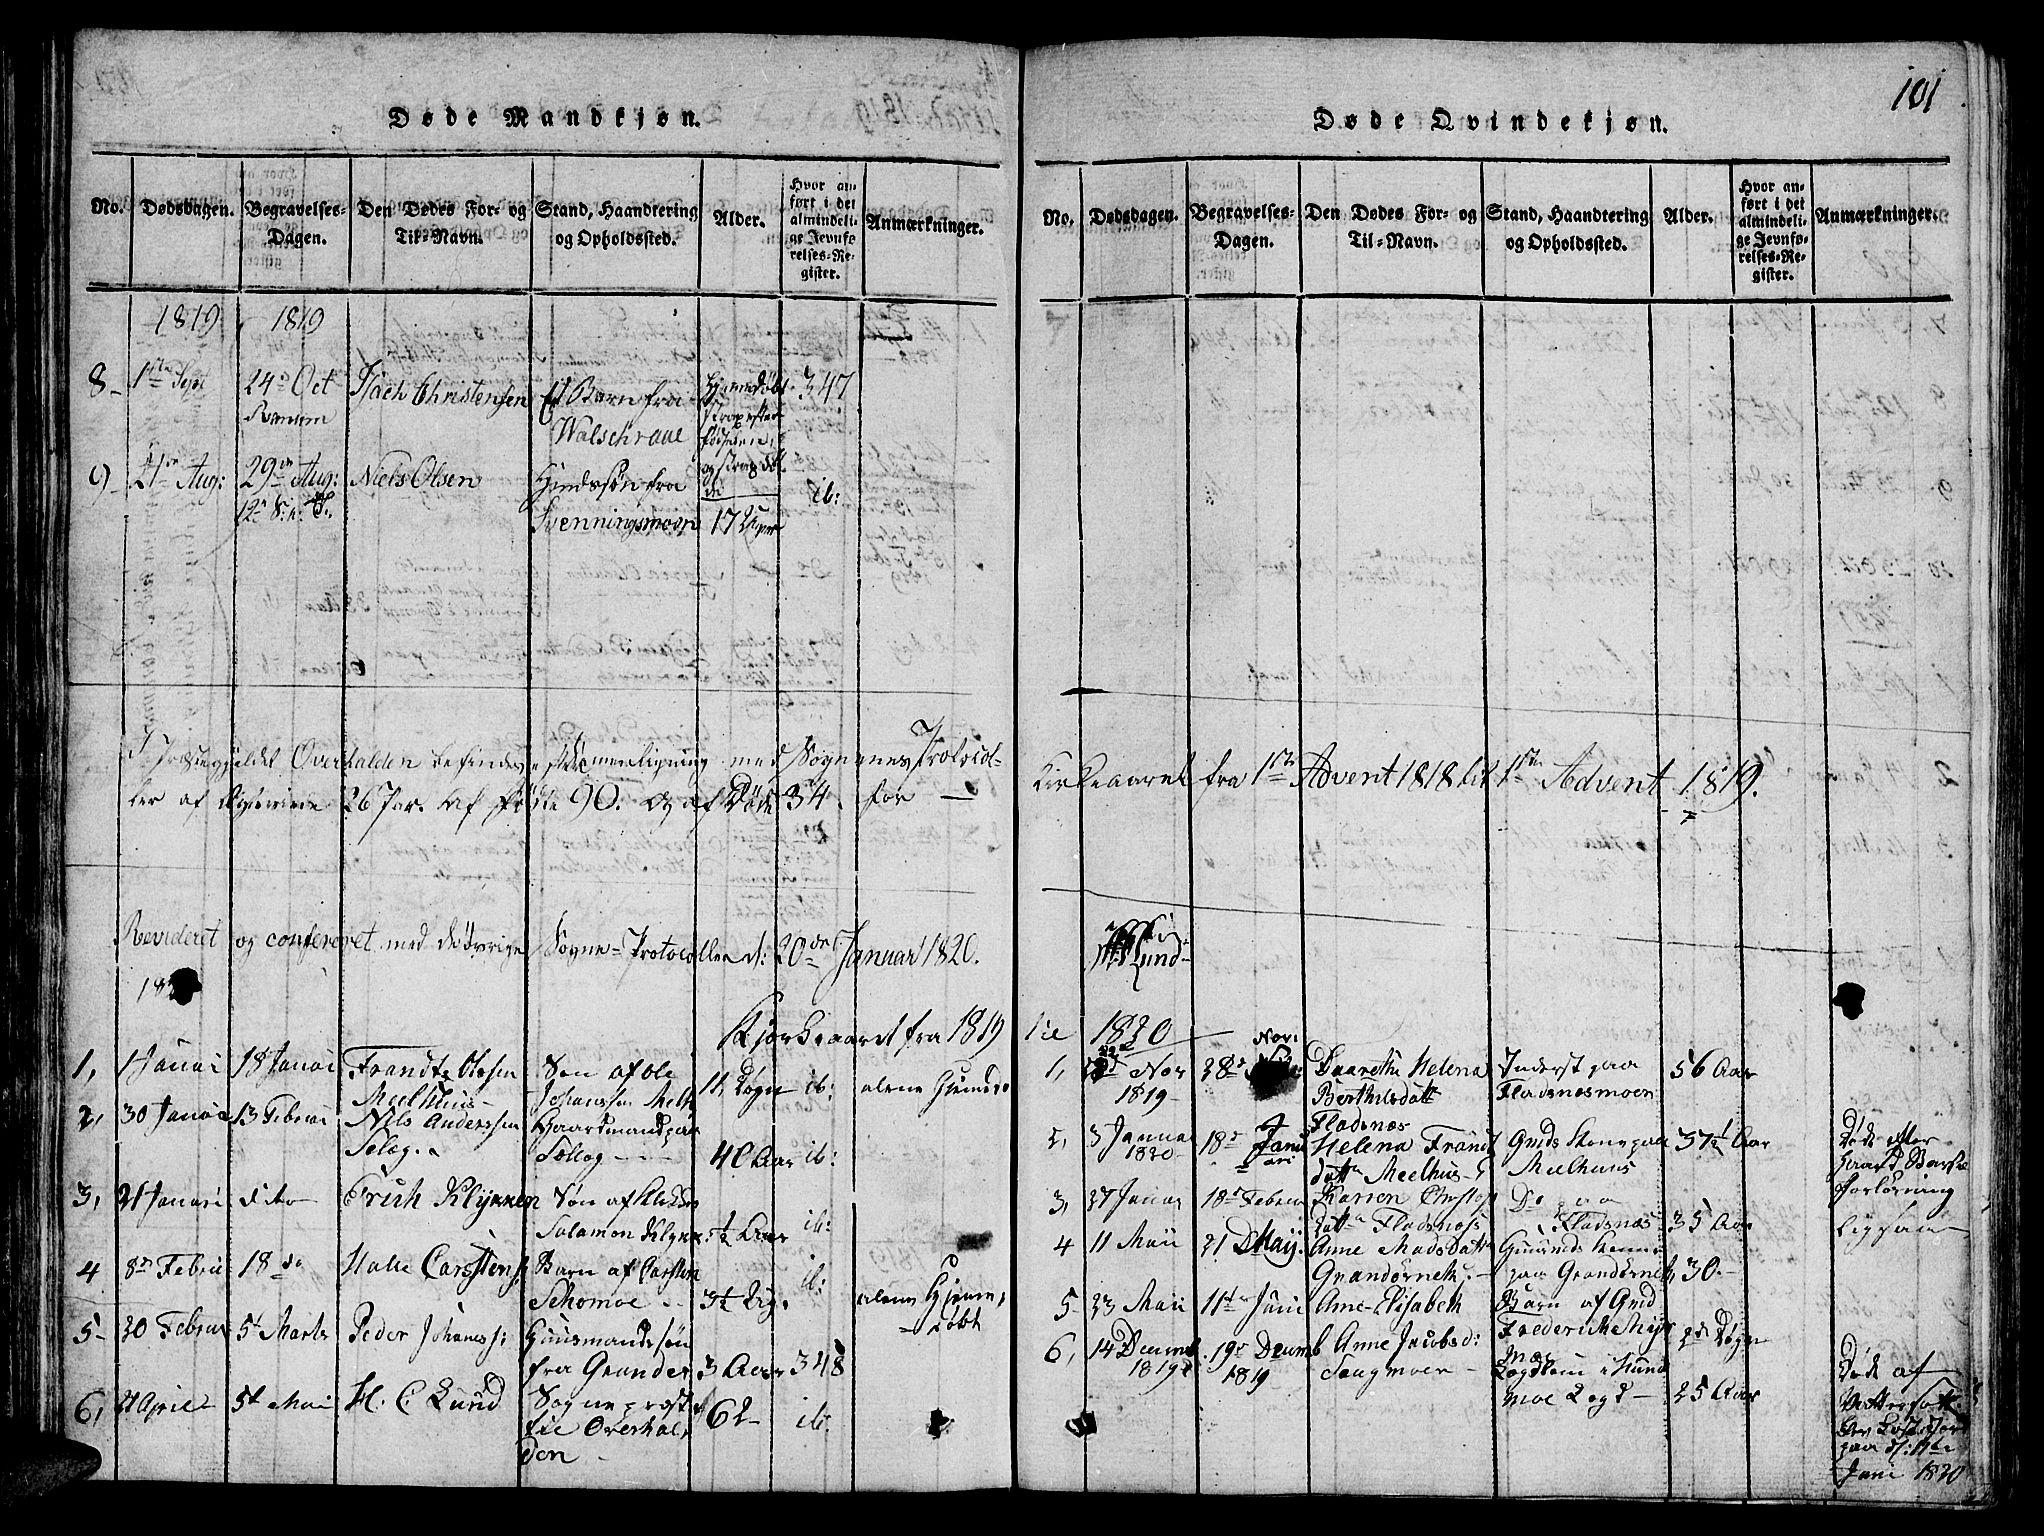 SAT, Ministerialprotokoller, klokkerbøker og fødselsregistre - Nord-Trøndelag, 764/L0546: Ministerialbok nr. 764A06 /1, 1816-1823, s. 101